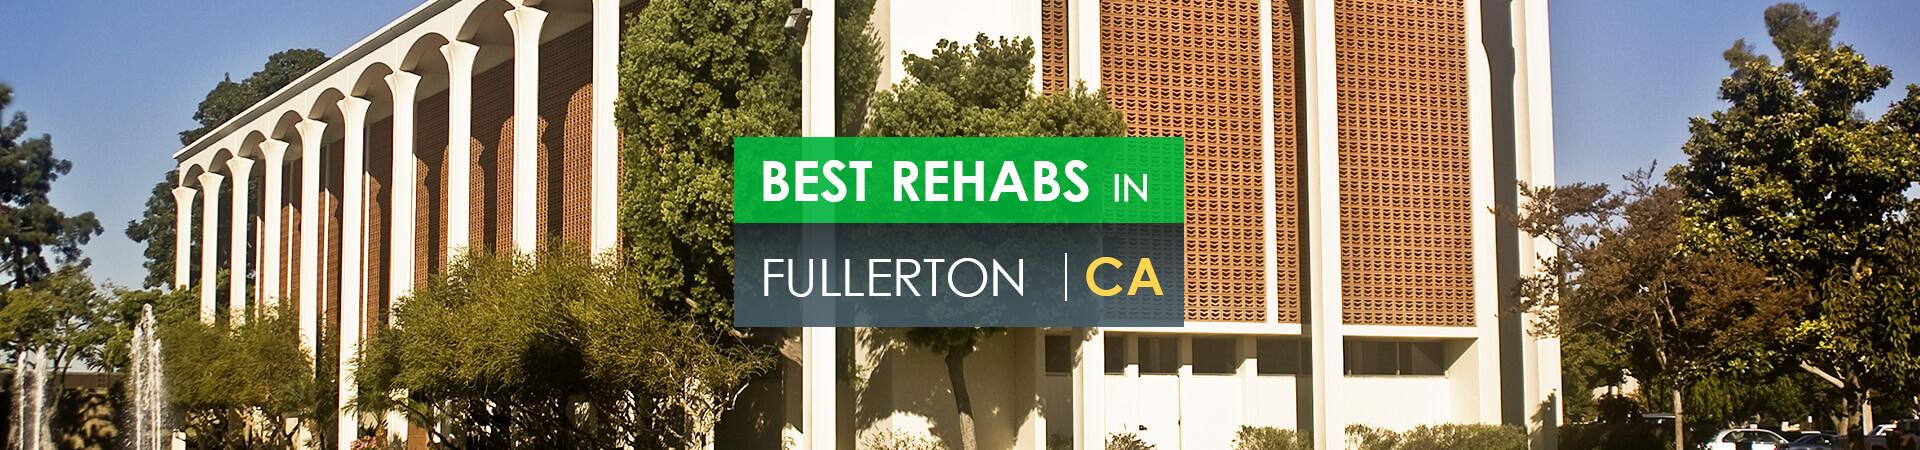 Best rehabs in Fullerton, CA